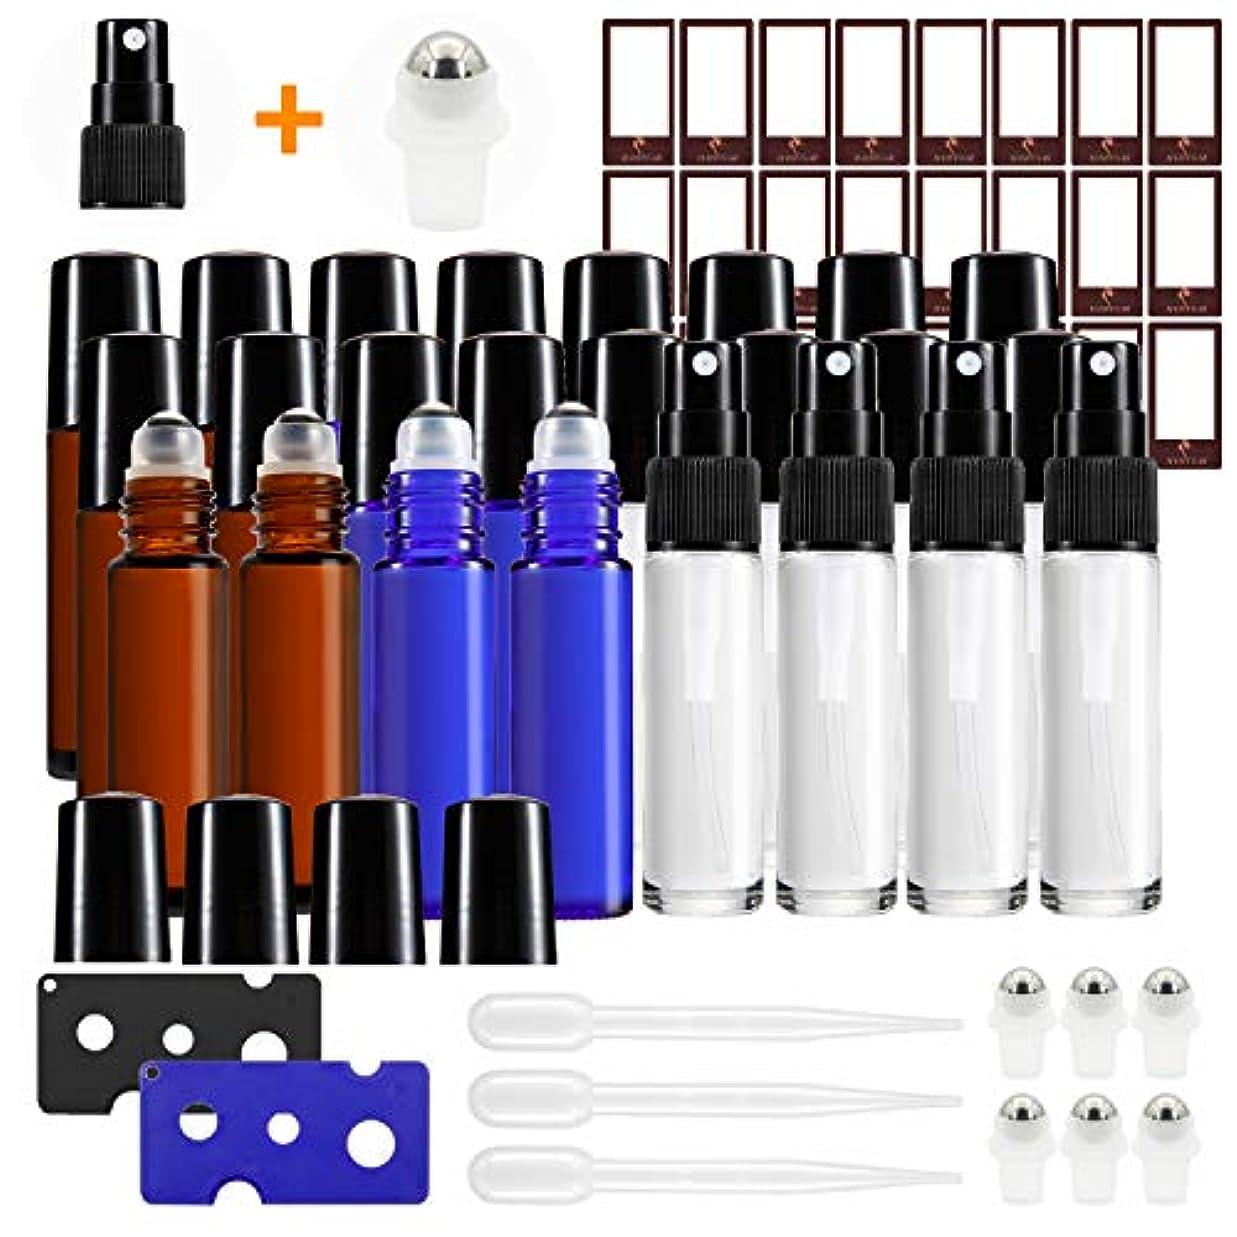 流行しているドリル静かにMASSUGAR ガラスローラーボトル、ステンレス製 ローラーボールとガラス スプレーボトルとエッセンシャルオイル 用 24パック0ミリリットル ローラーボトル 1 1